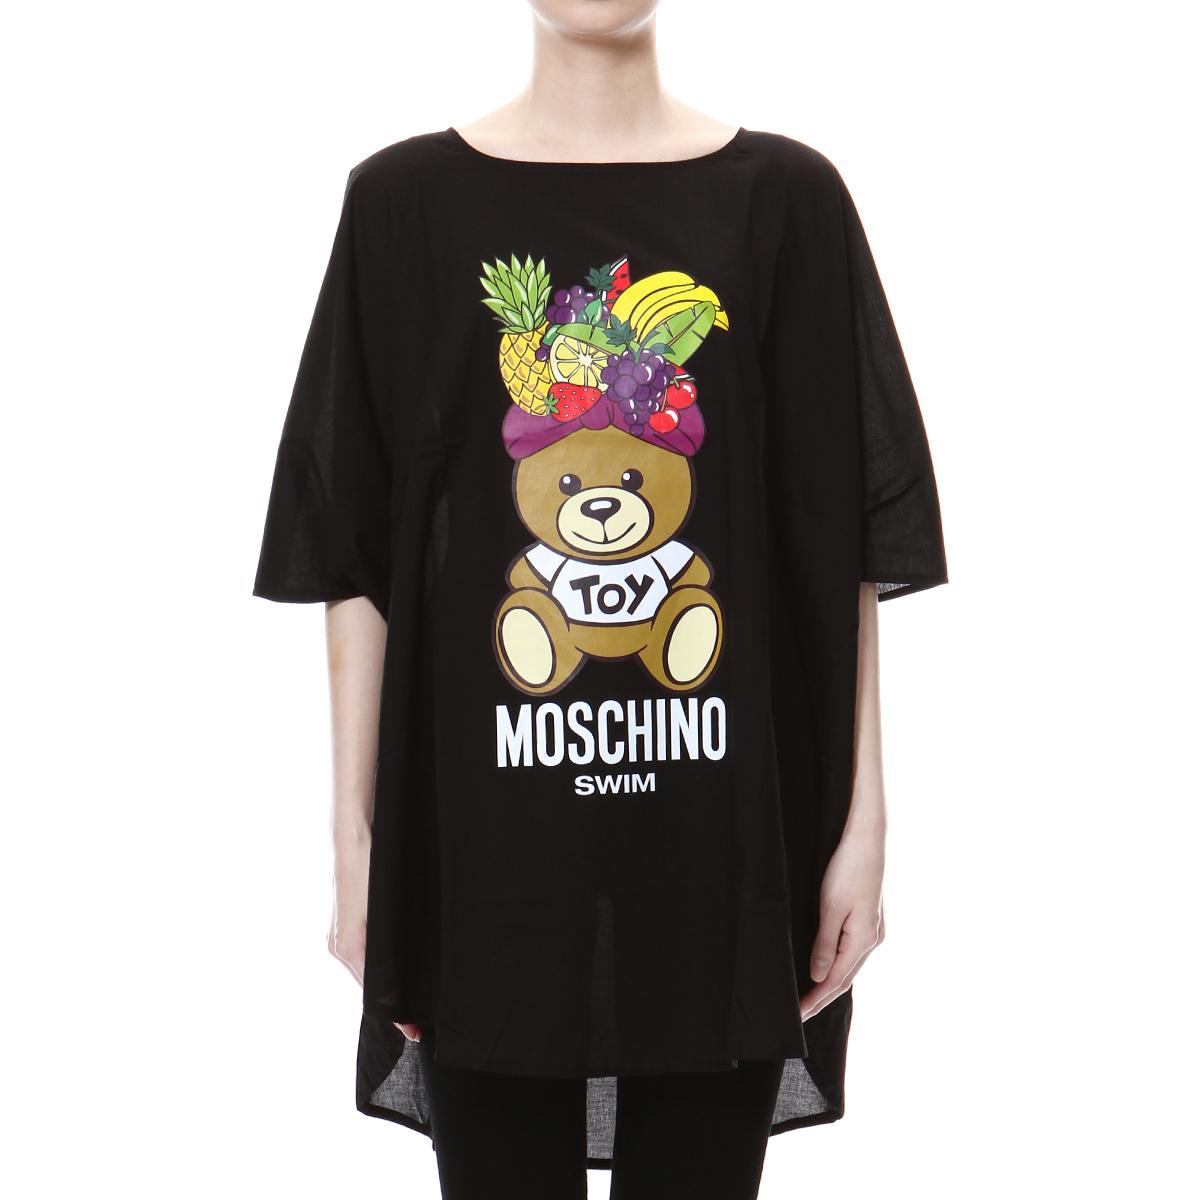 モスキーノ MOSCHINO Tシャツ レディース 3909 2114 0555 半袖Tシャツ BLACK ブラック